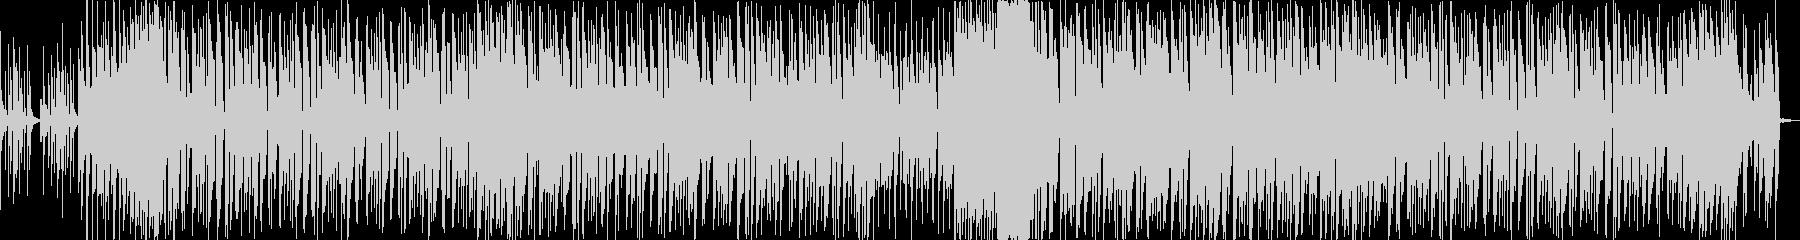 キャッチーなFuture Bassの未再生の波形